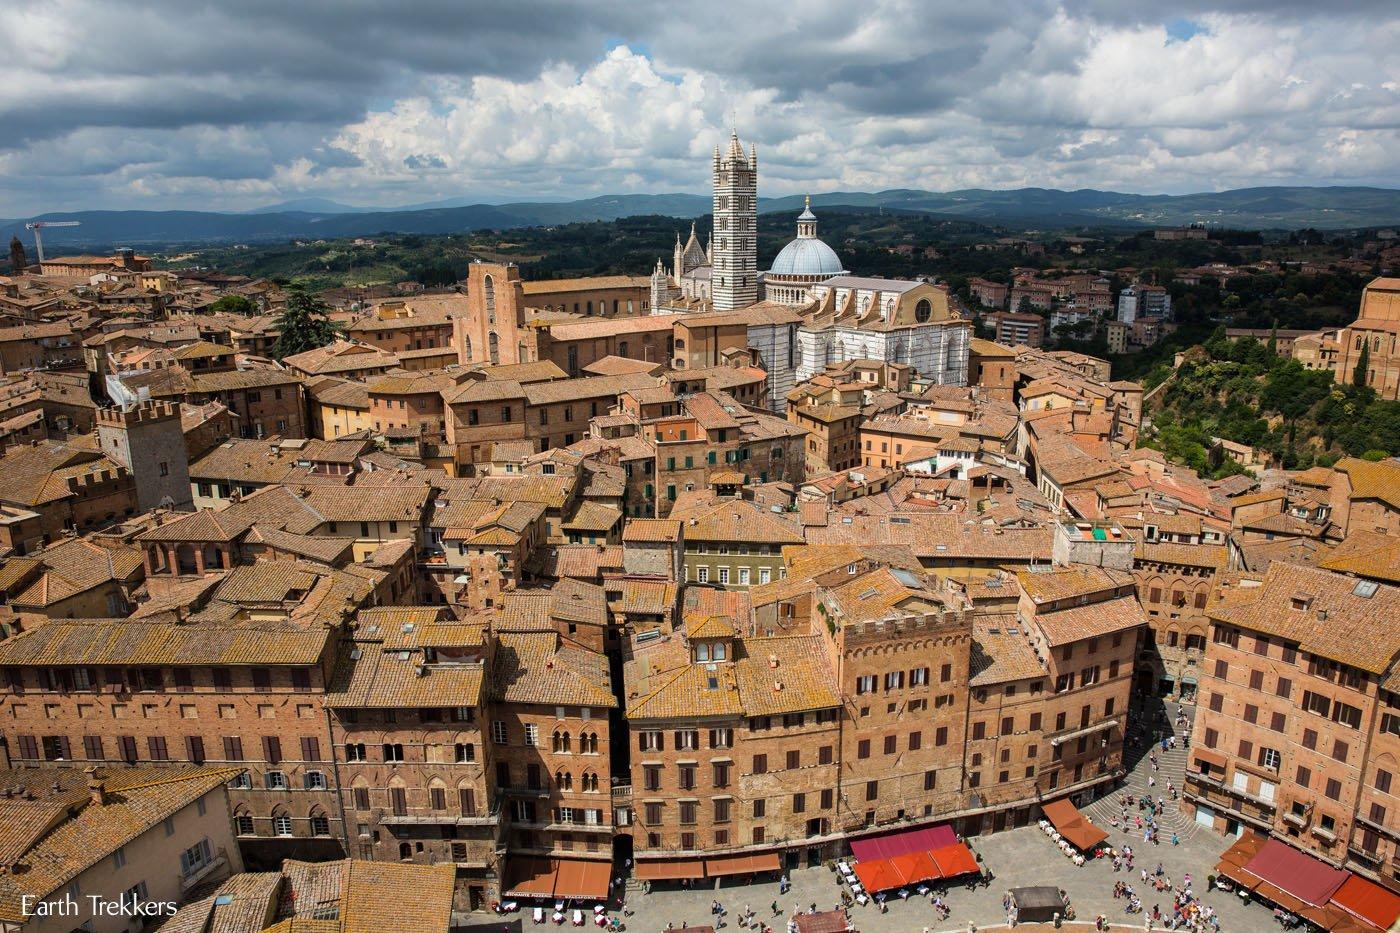 Best View of Siena